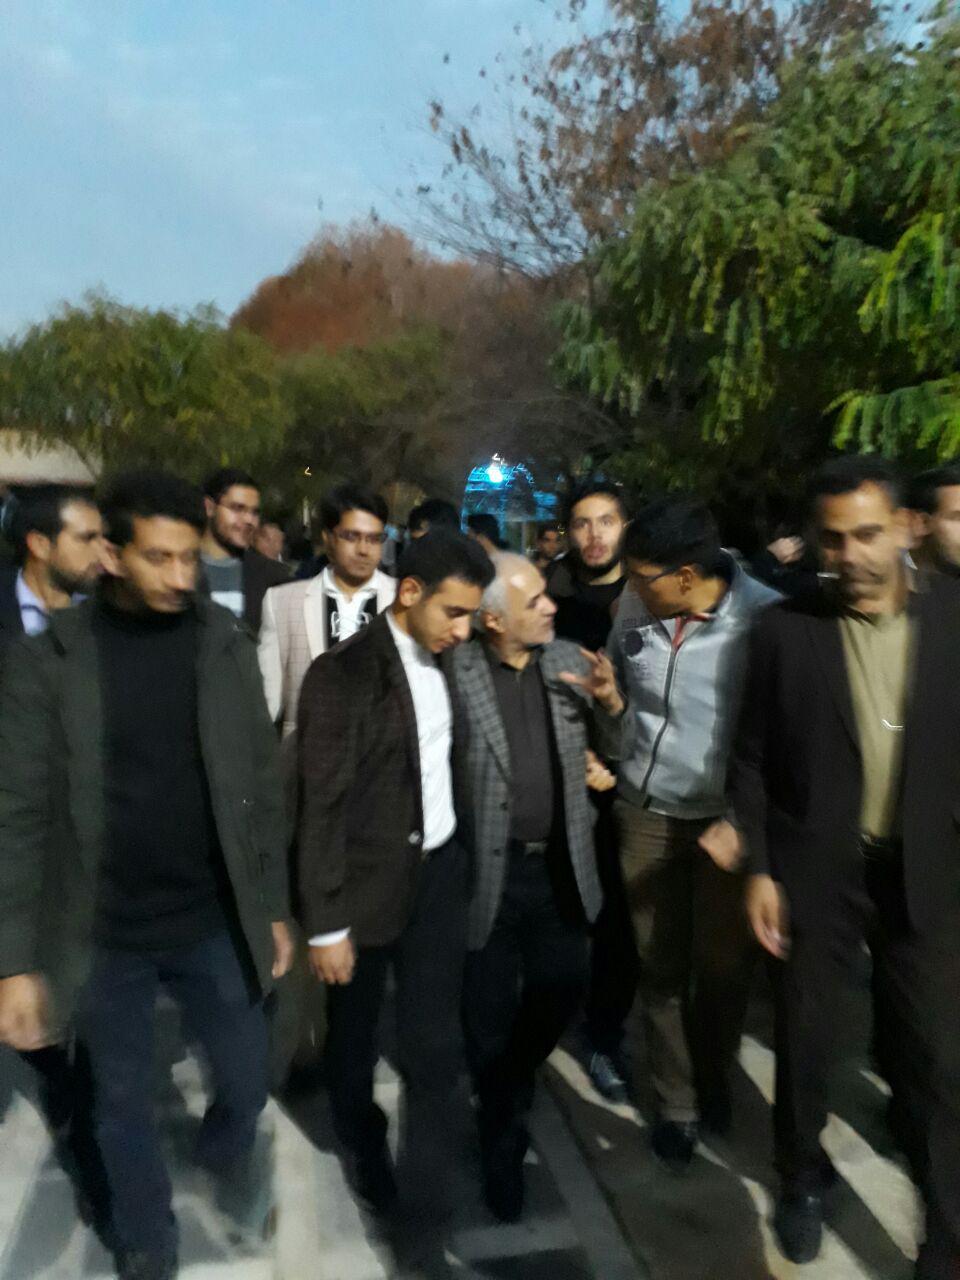 بدرقه استاد عباسی توسط اهالی شهر صحنه استان کرمانشاه پس از سخنرانی و سوال و جواب سرپایی